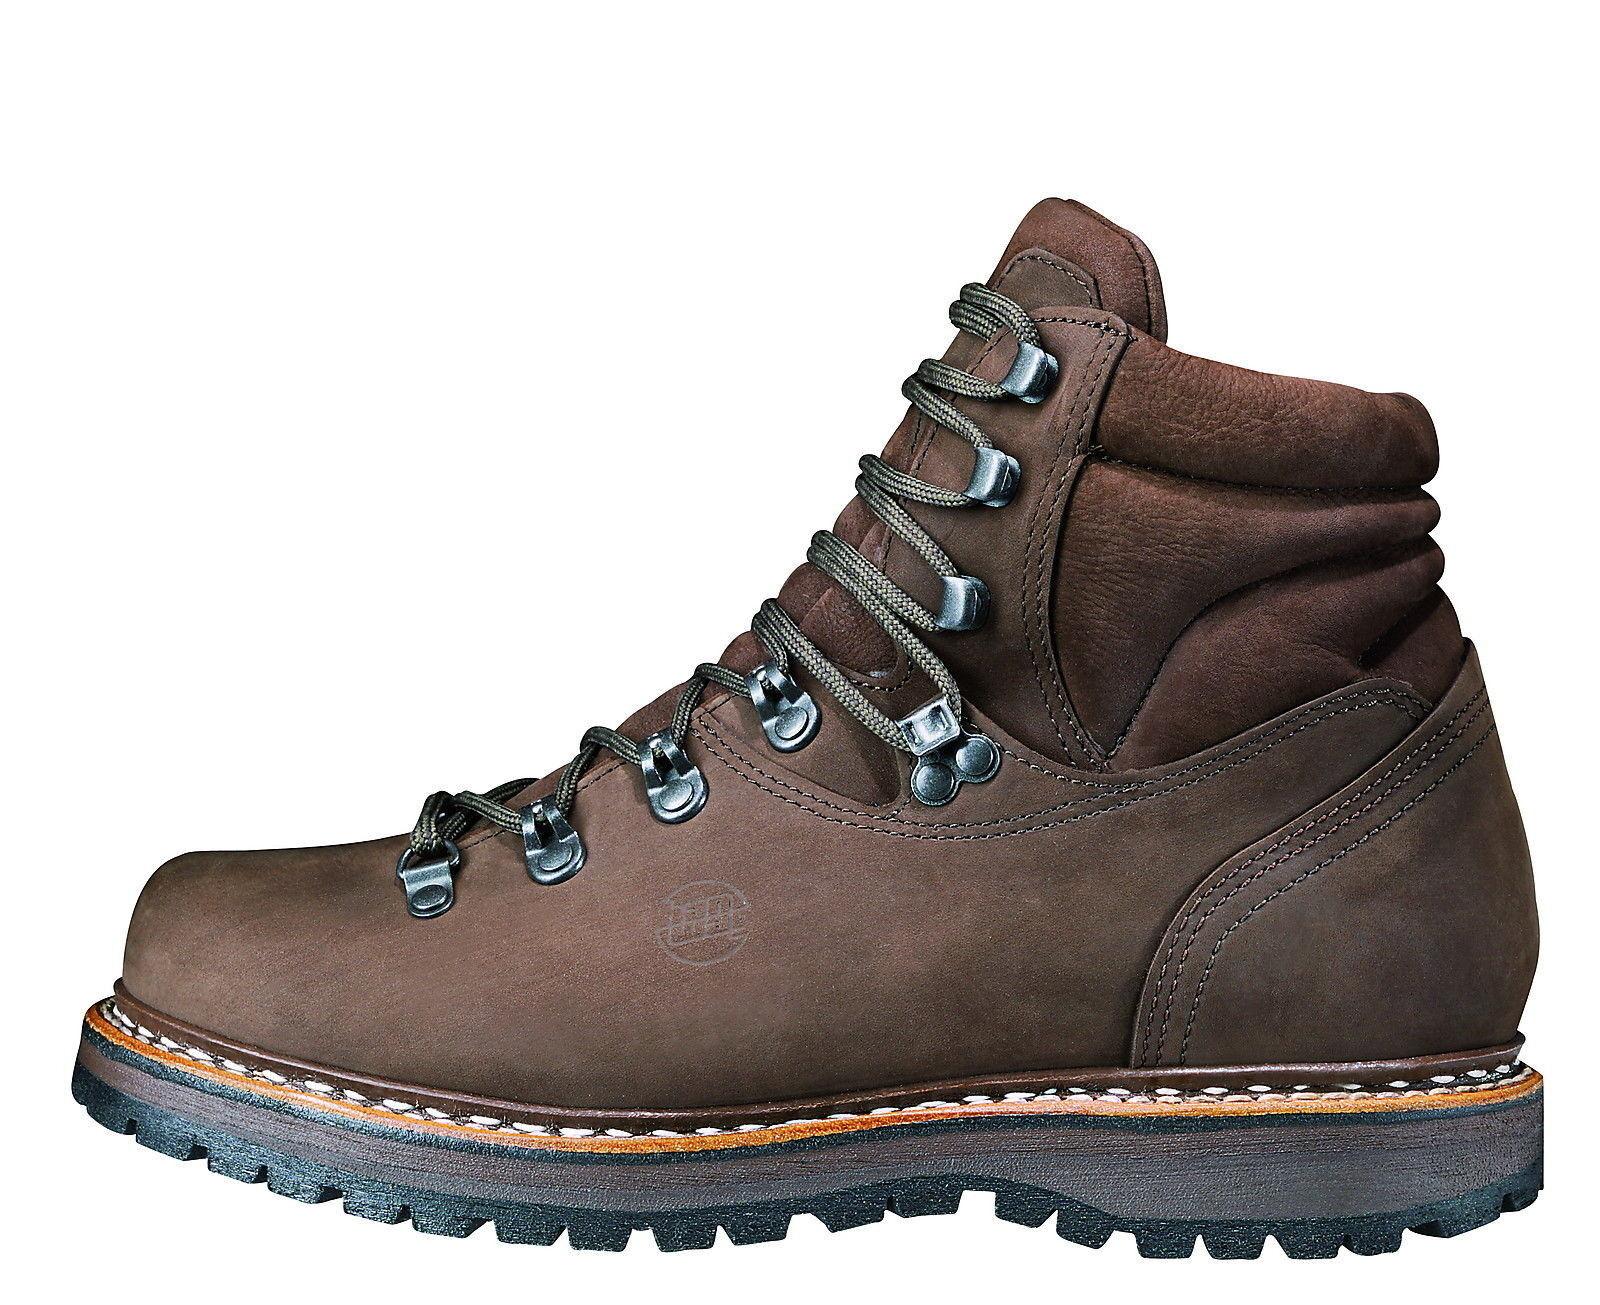 Hanwag zwiegenähter Classic Trials Leather Größe 10,5 - 45 Marone